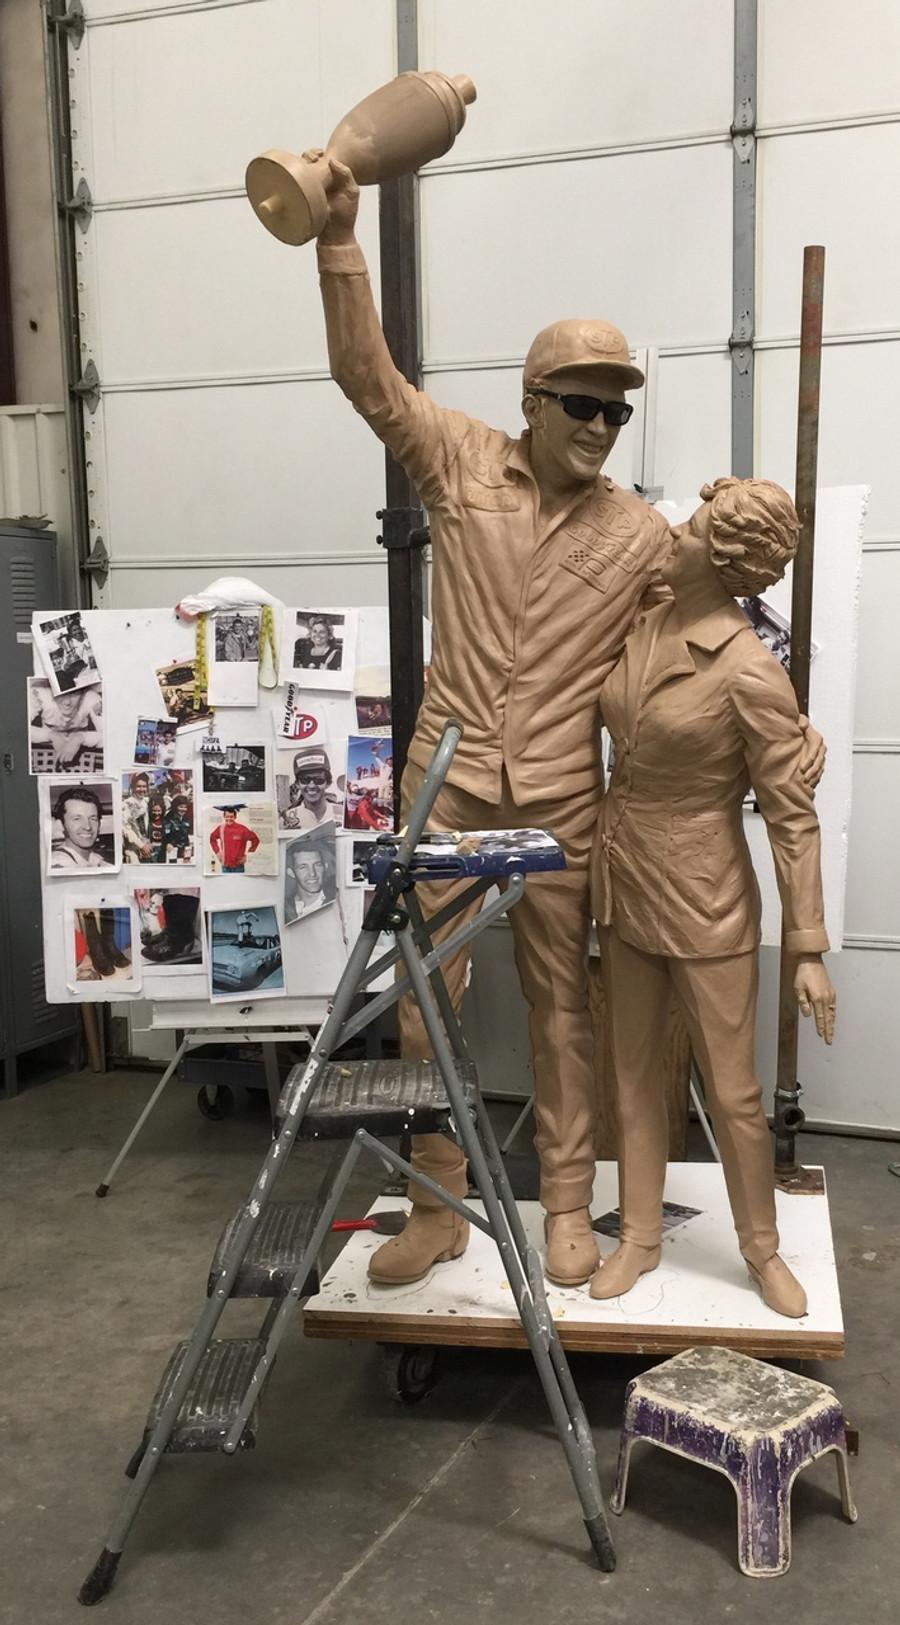 Work on Progress - Richard Petty Tribute